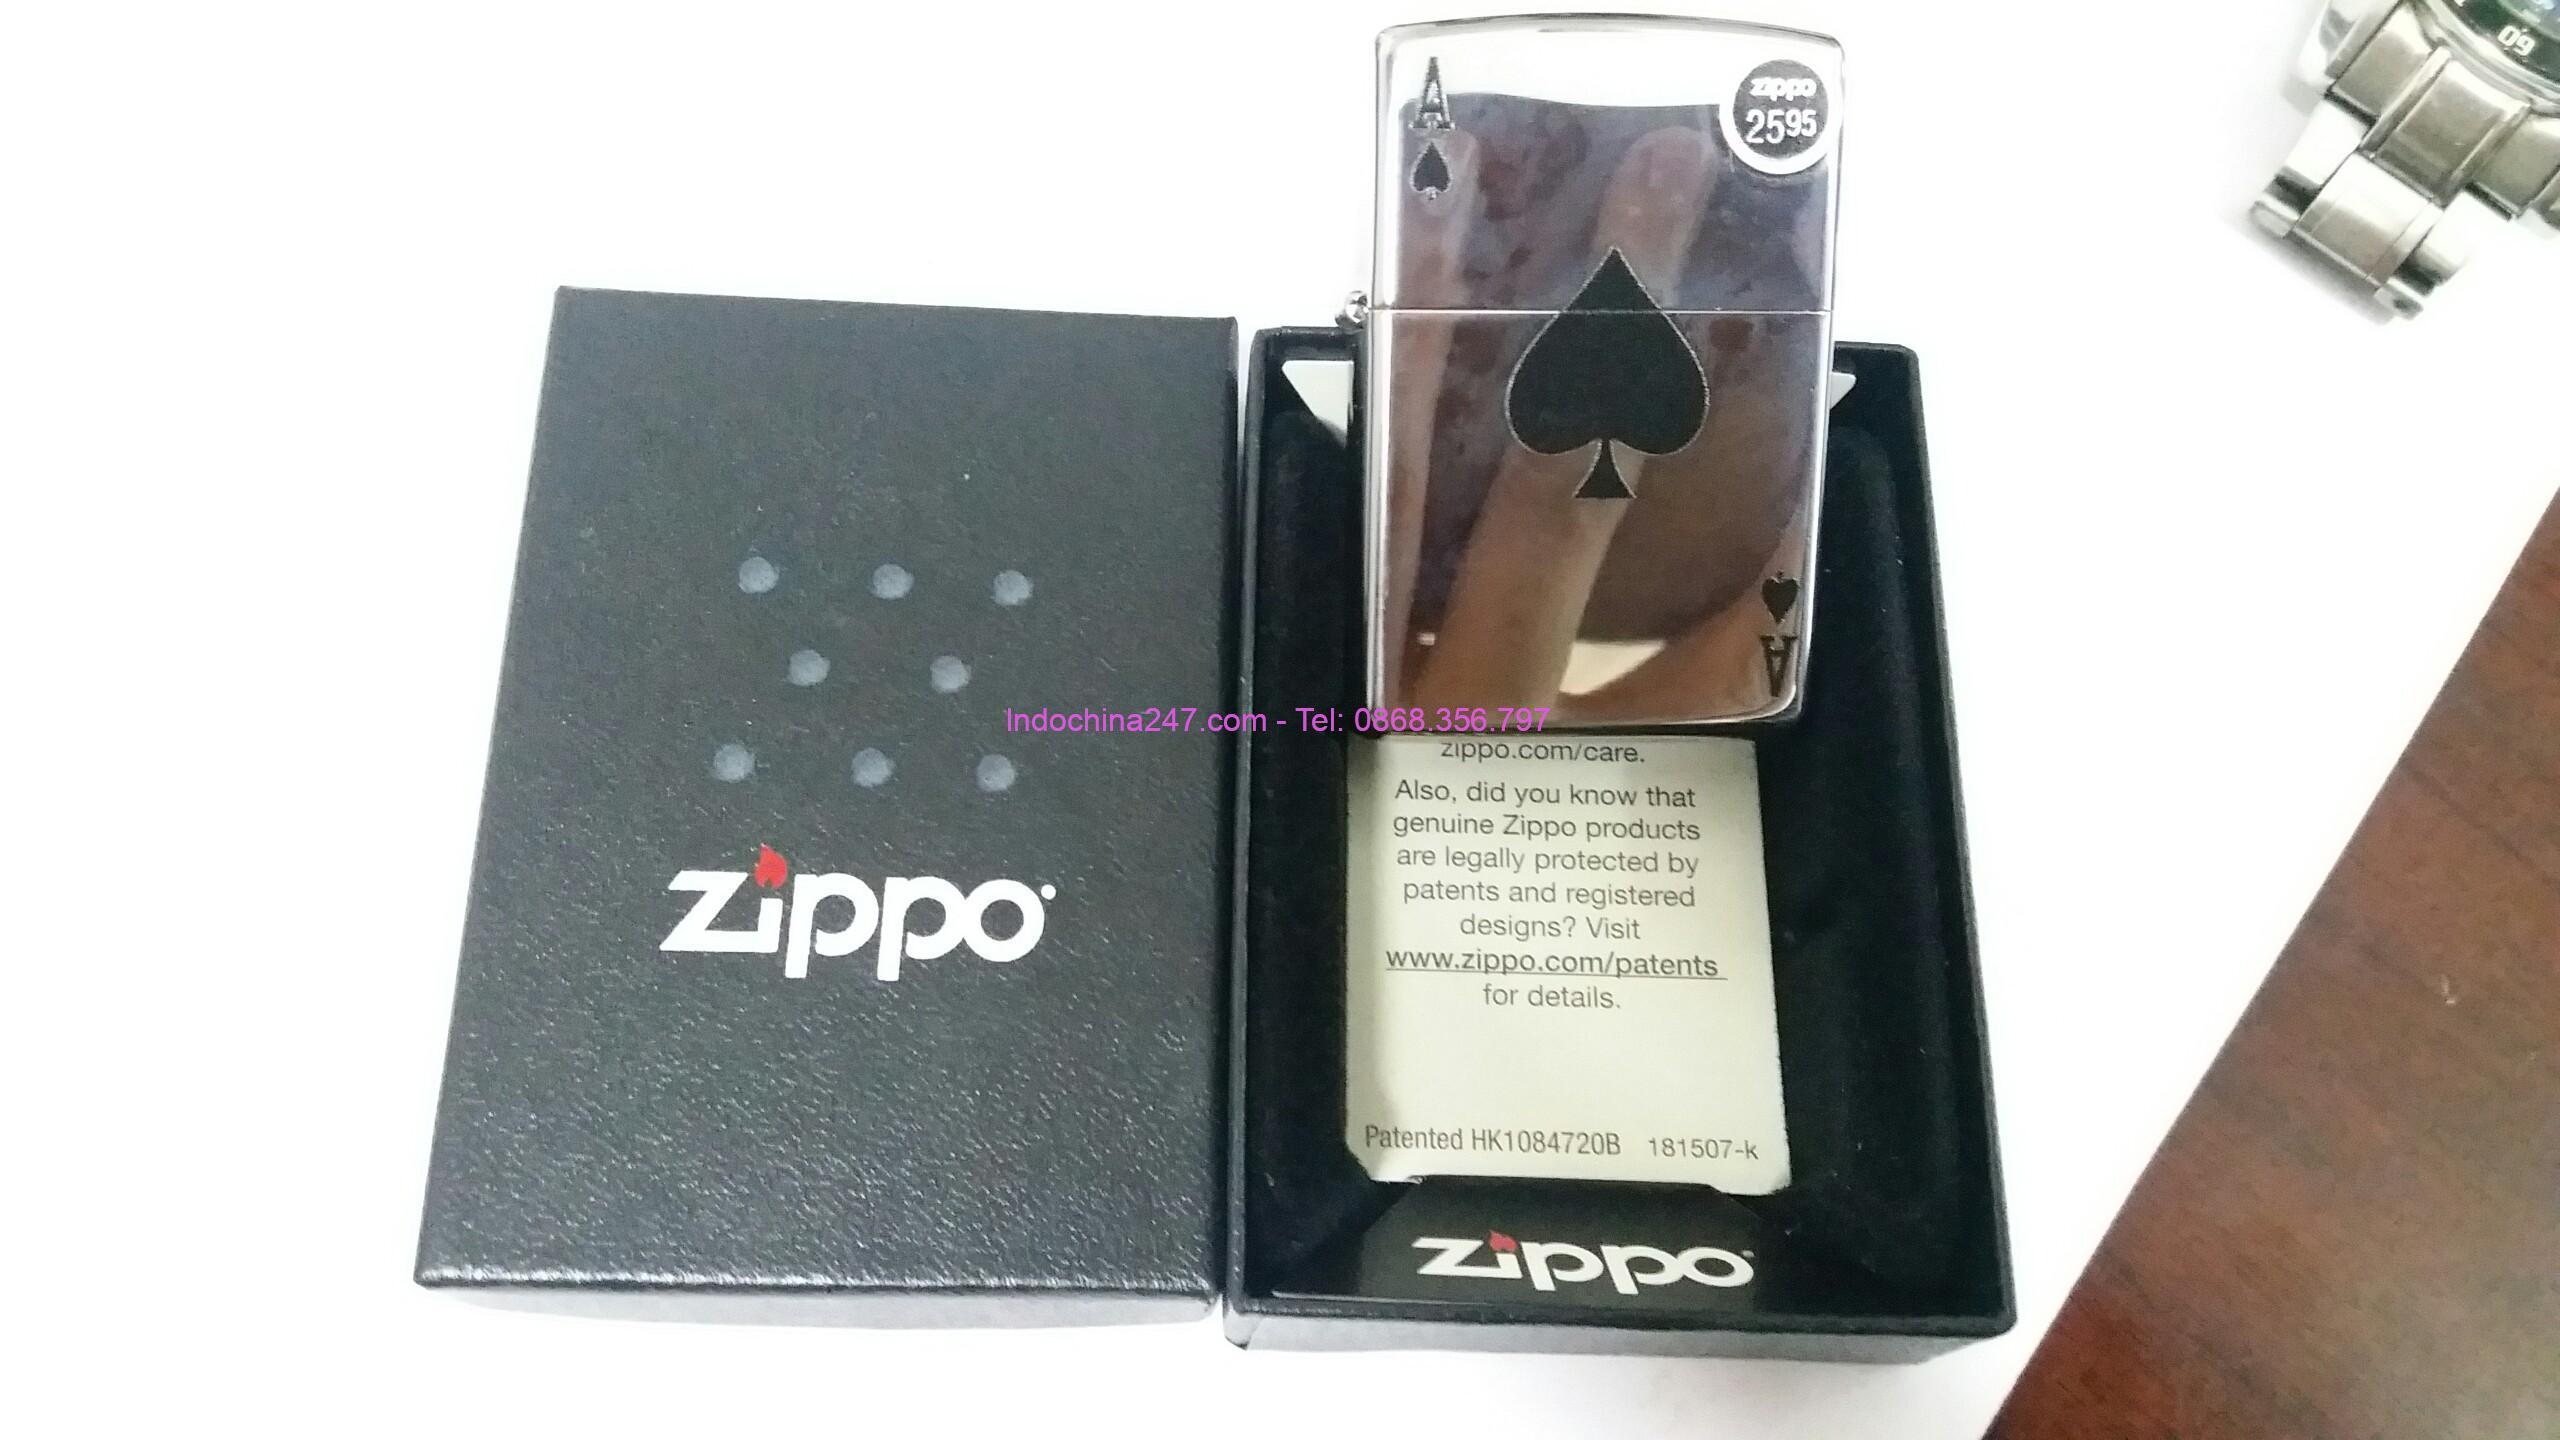 Dịch vụ đặt hàng và chuyển phát nhanh zippo từ Mỹ và Nhật về Việt Nam